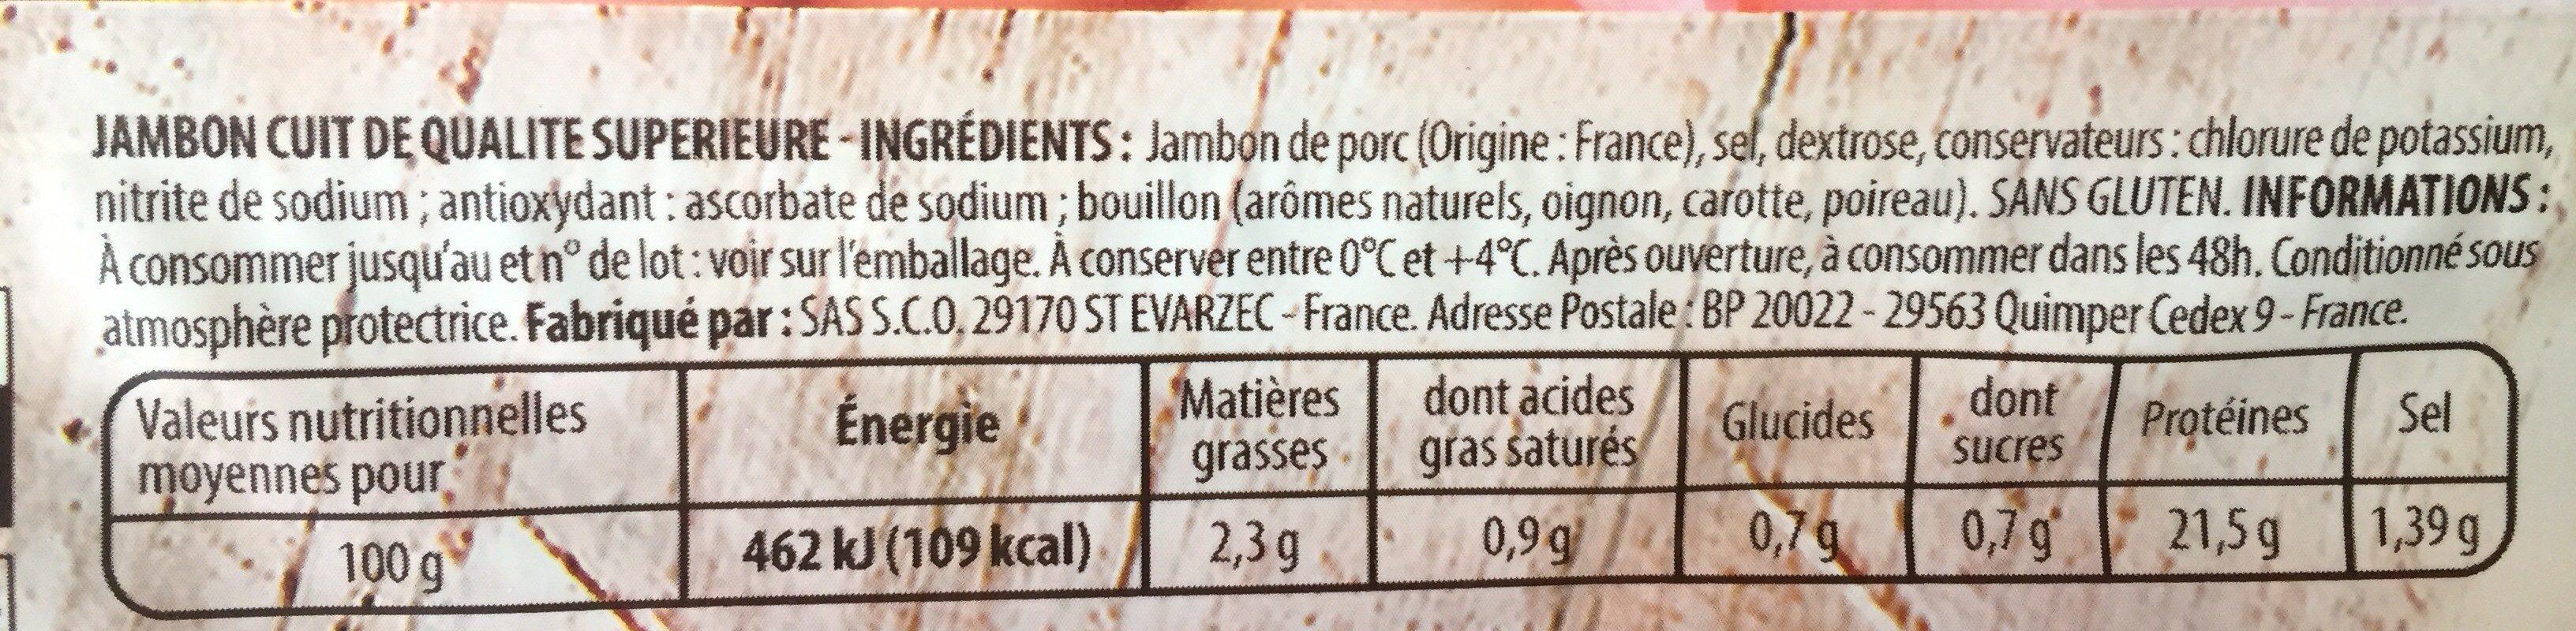 Jambon Superieur - Ingrédients - fr